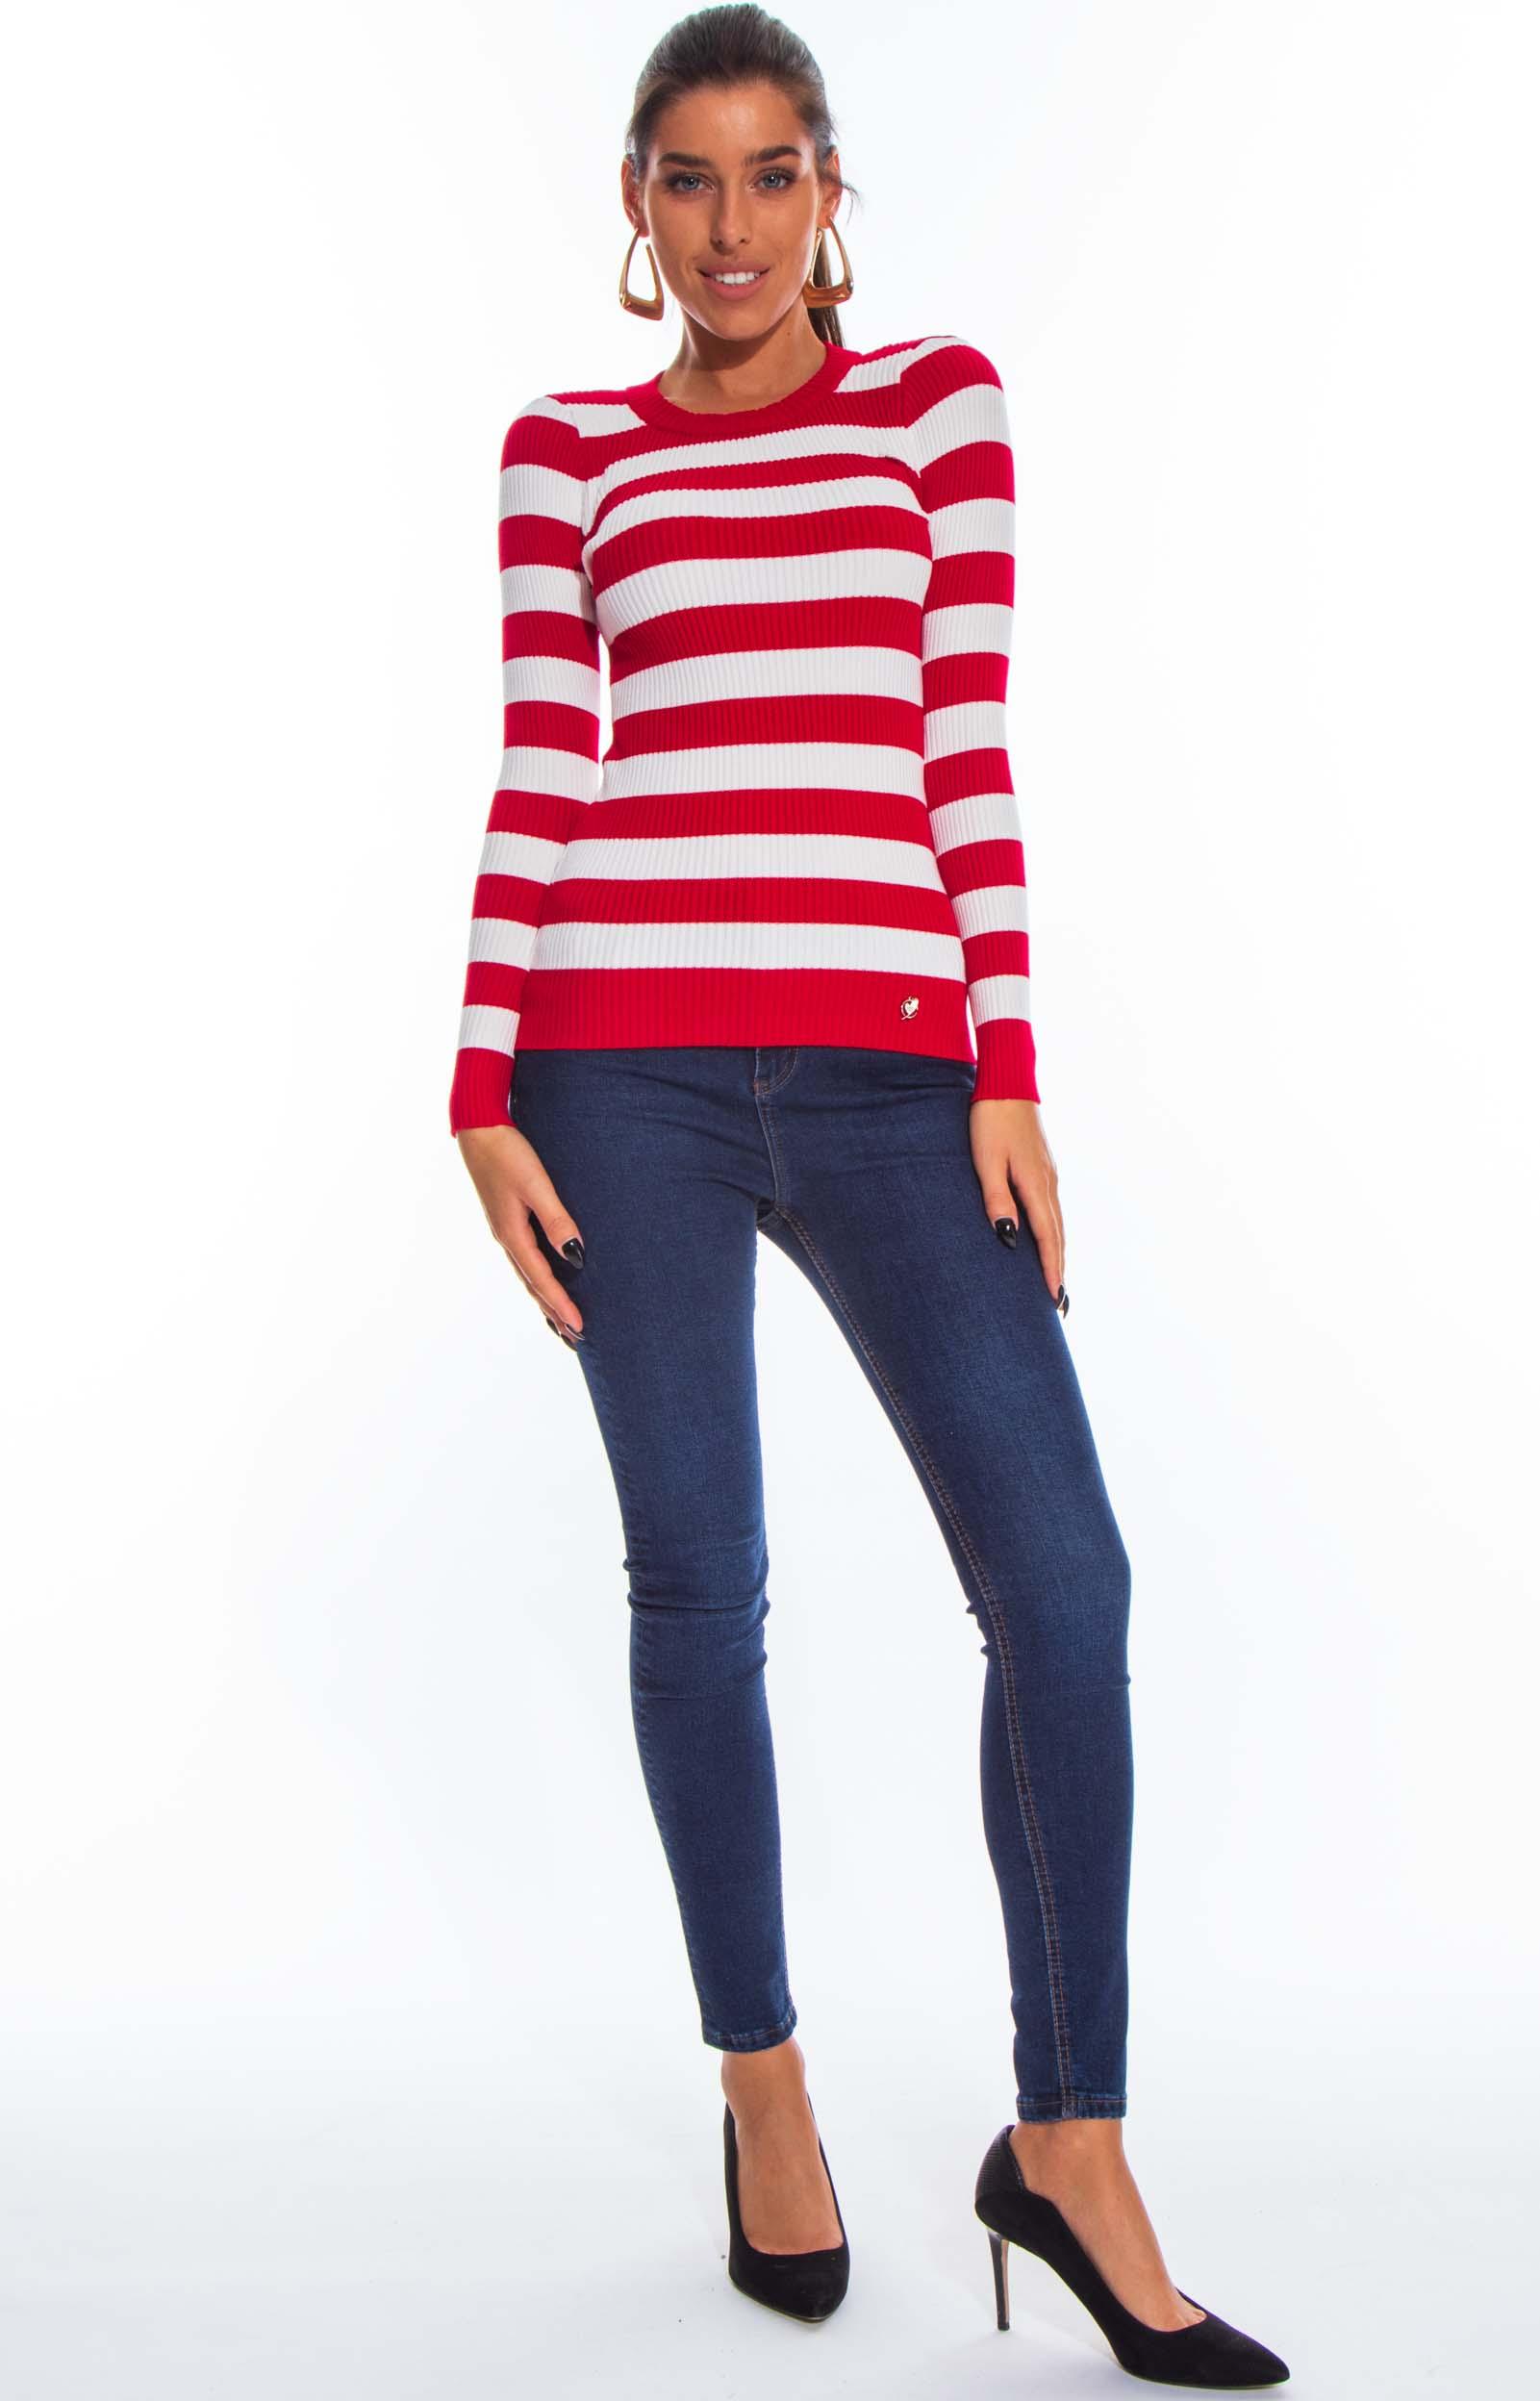 Lia pulóver